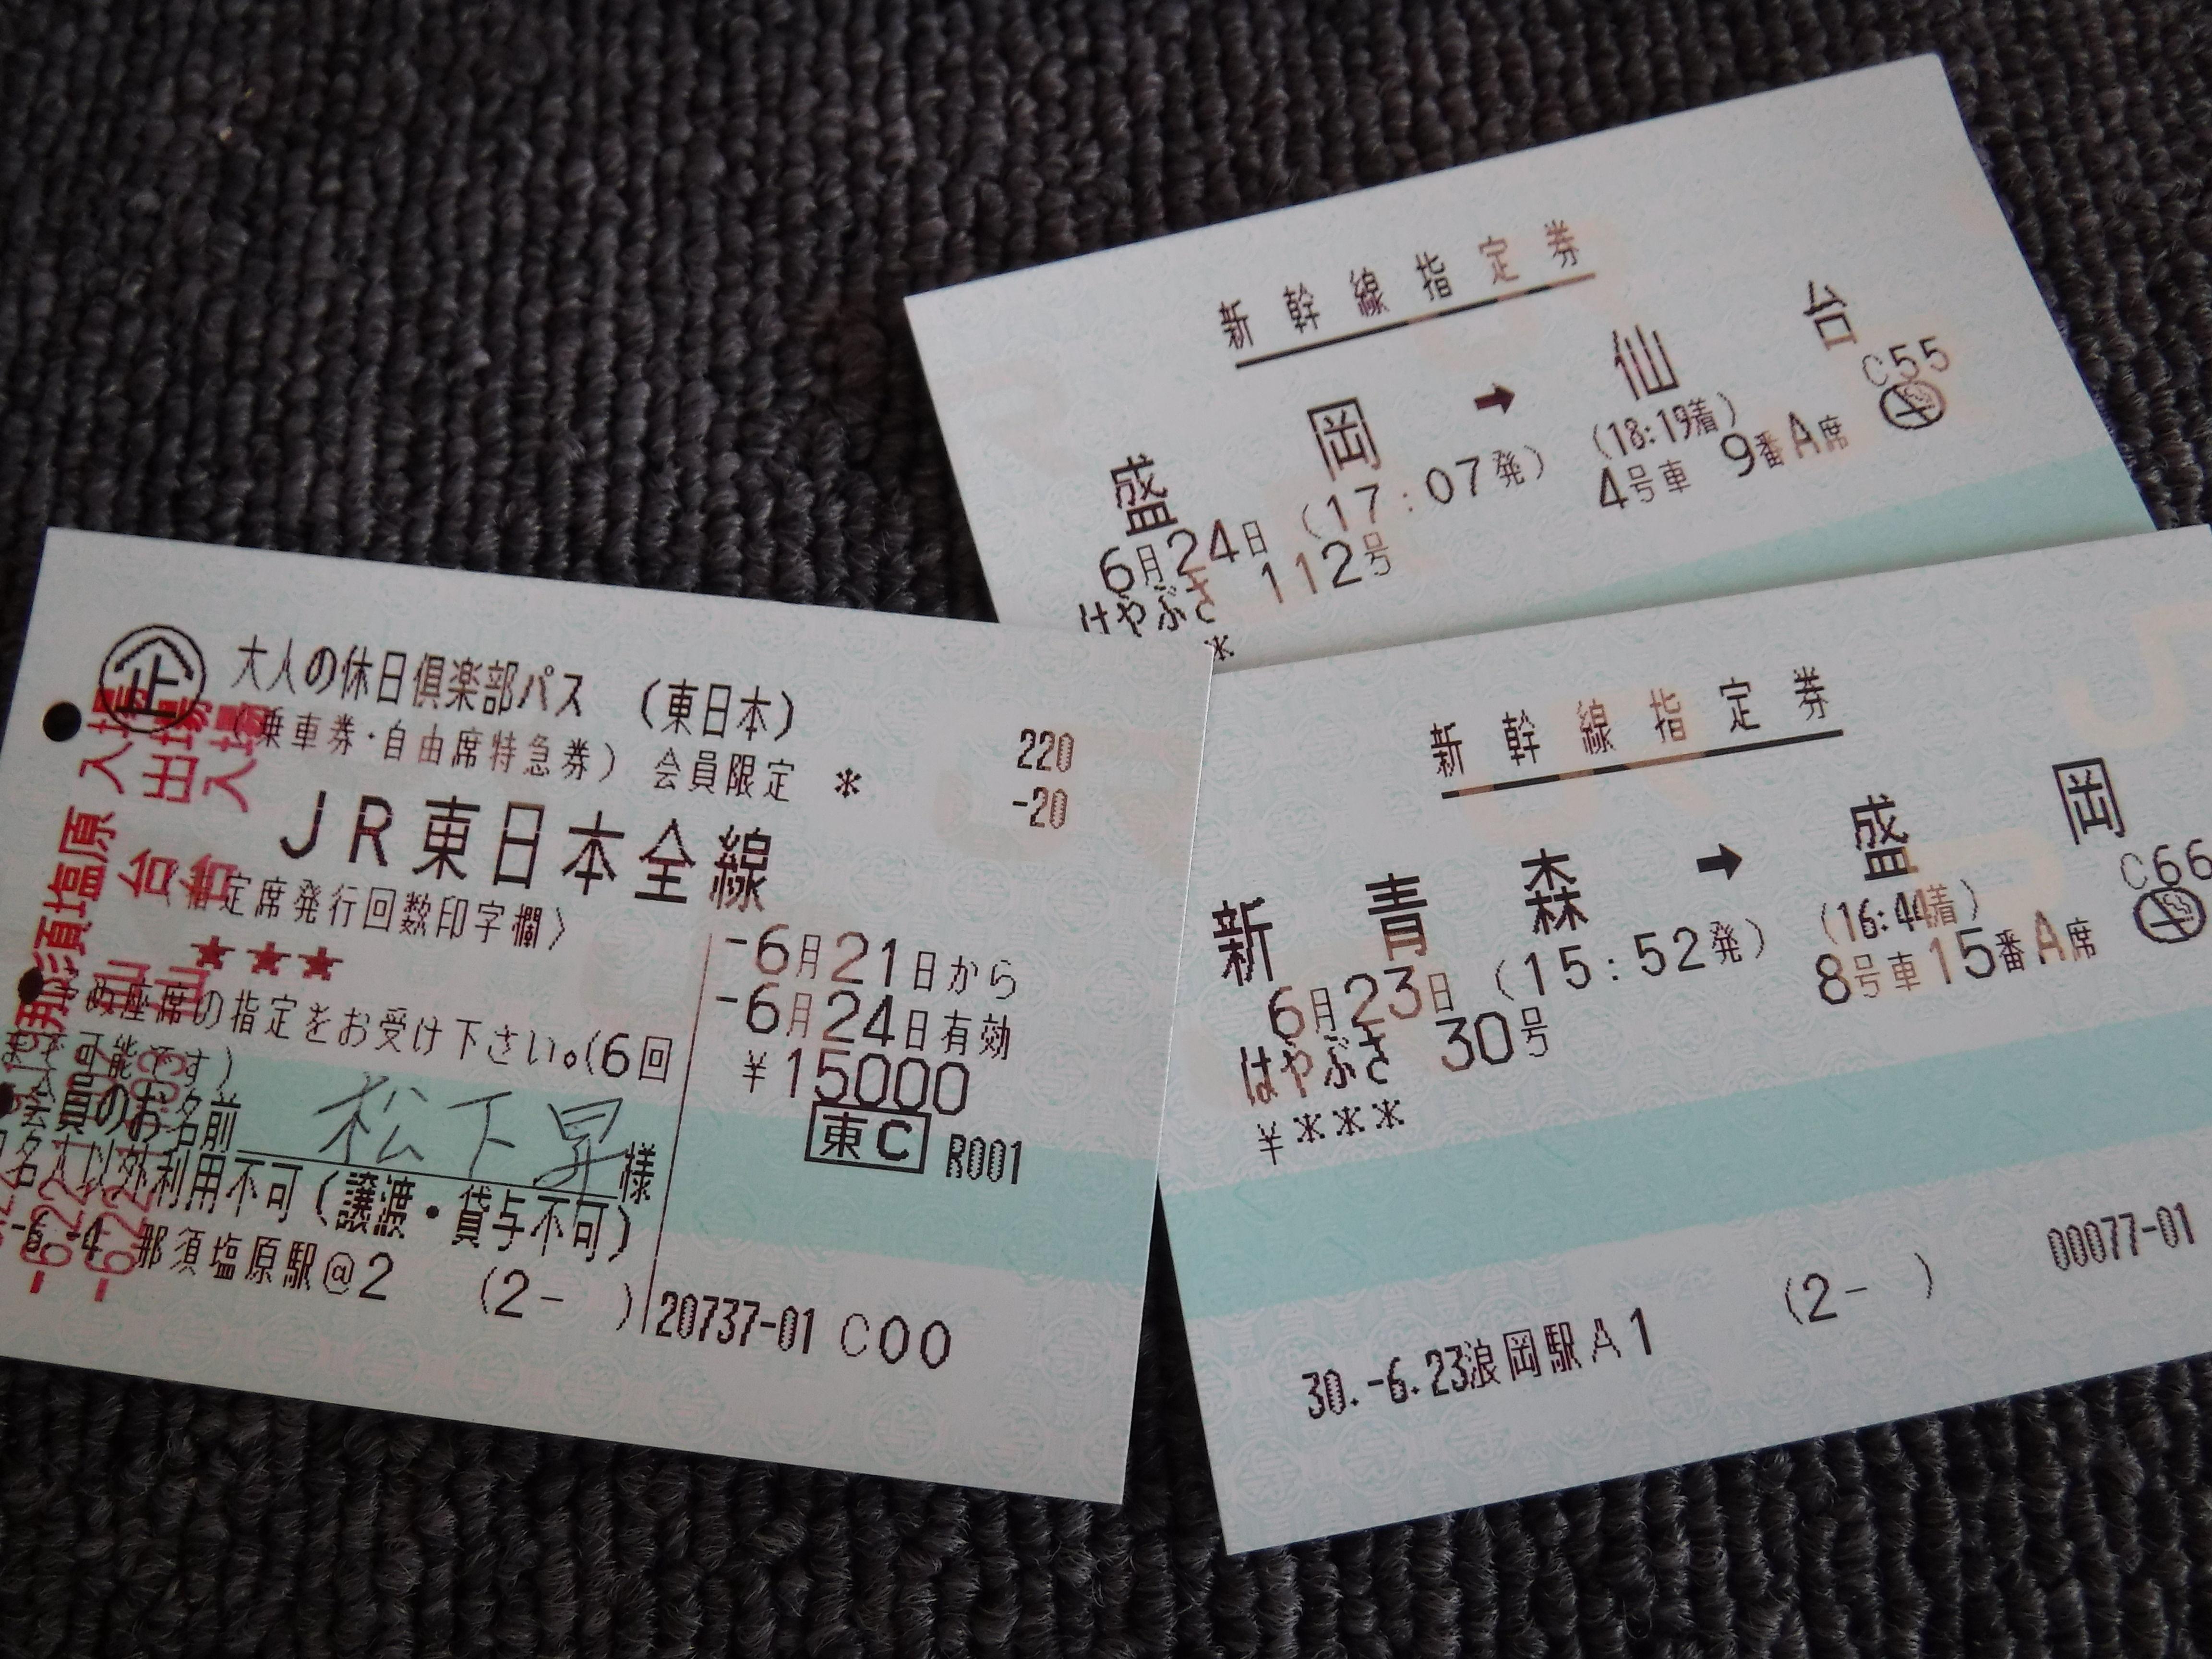 大人の休日切符.JPG